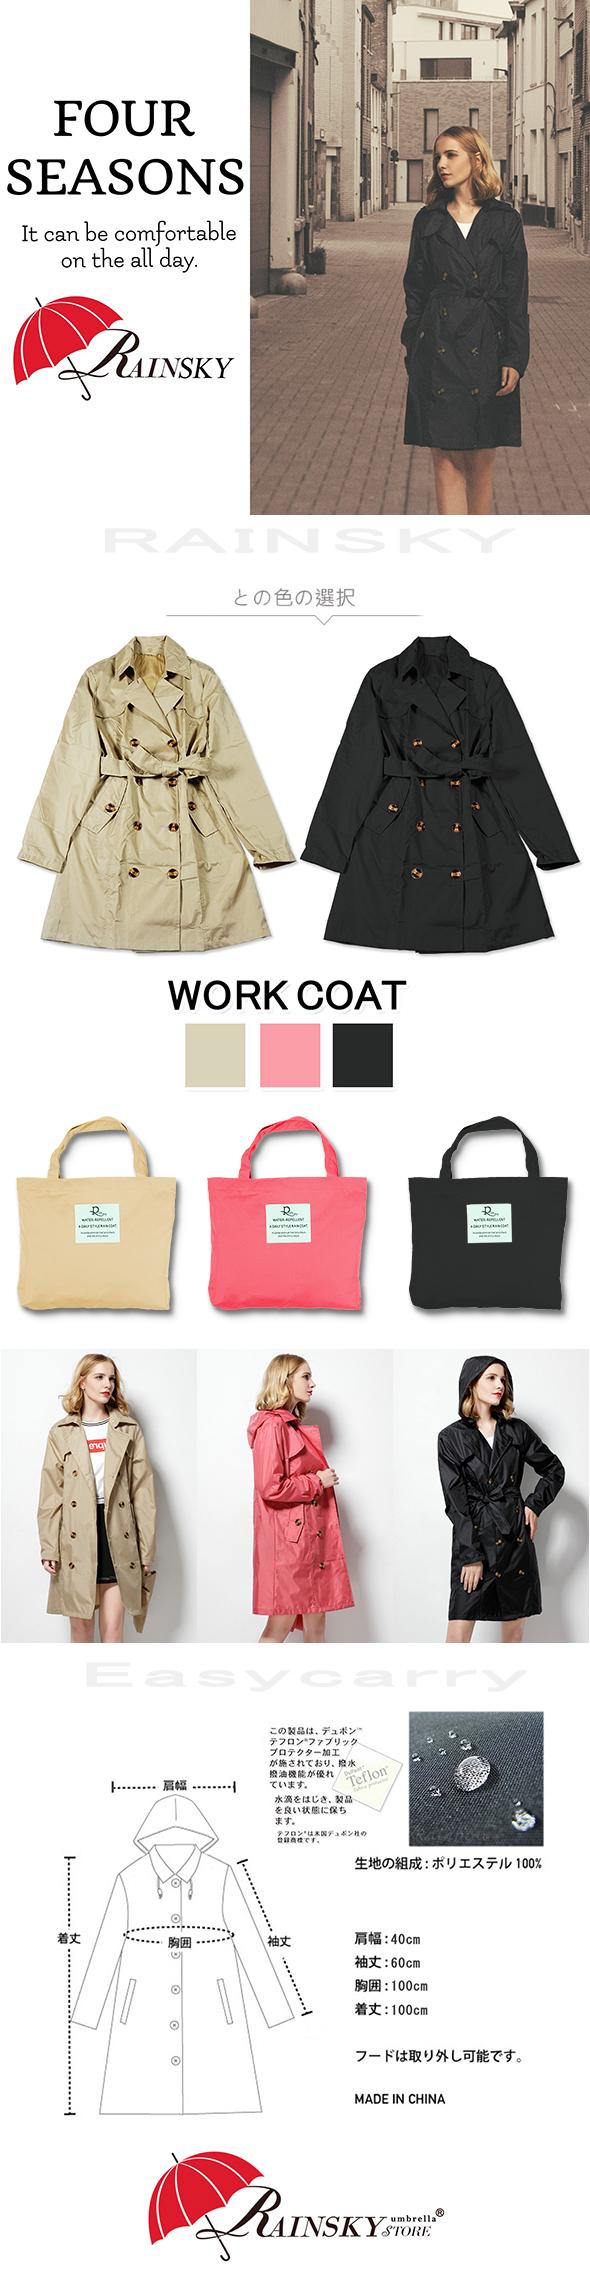 風衣外套-雨衣/風衣